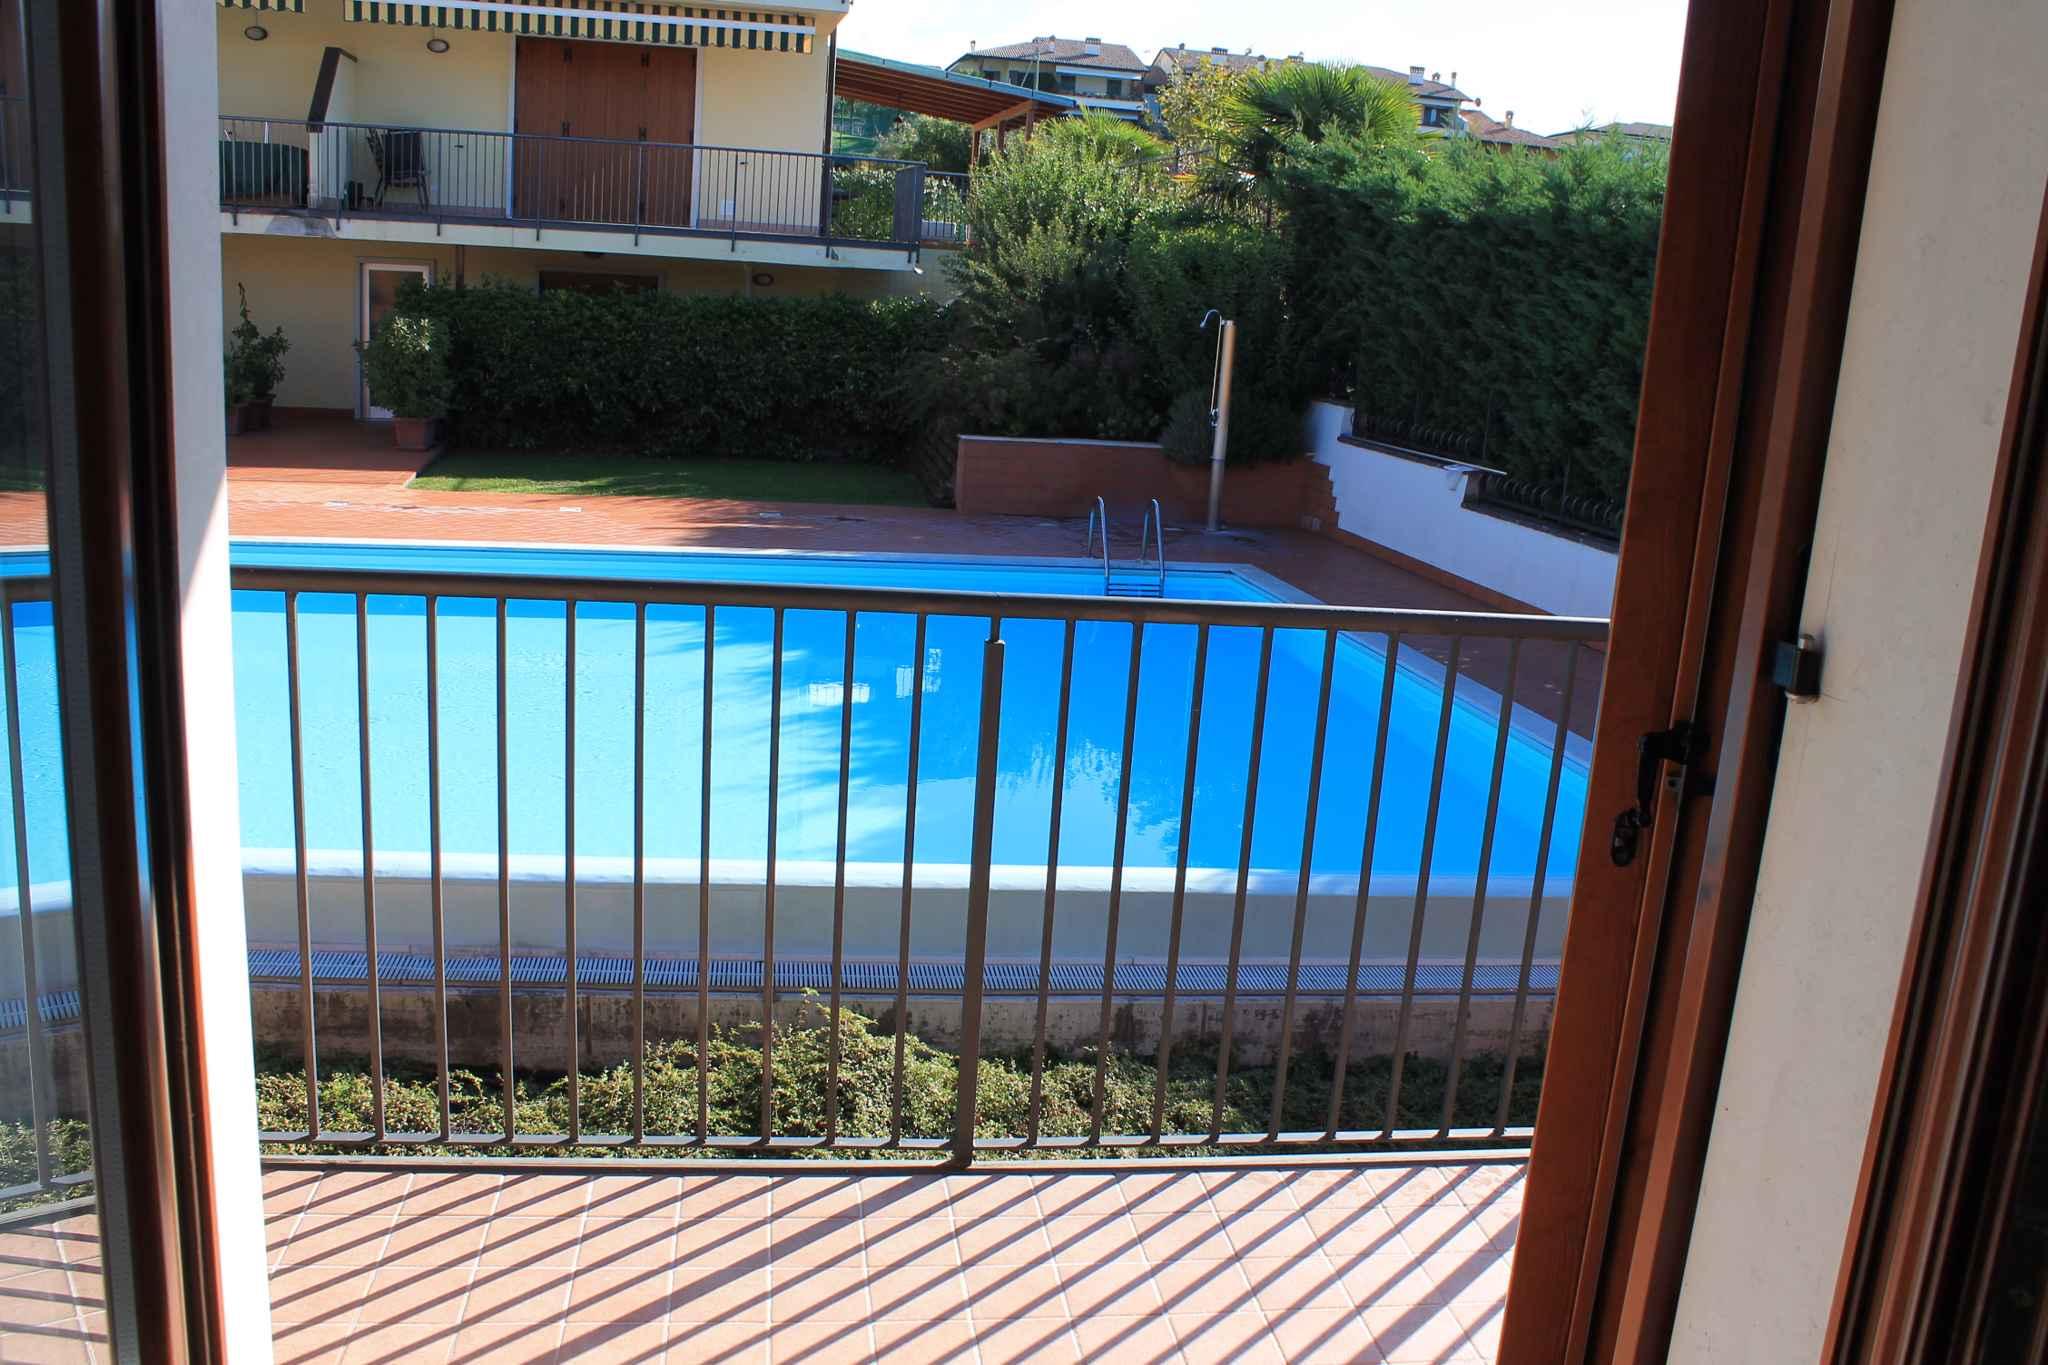 Ferienwohnung con piscina (488636), Lazise, Gardasee, Venetien, Italien, Bild 4